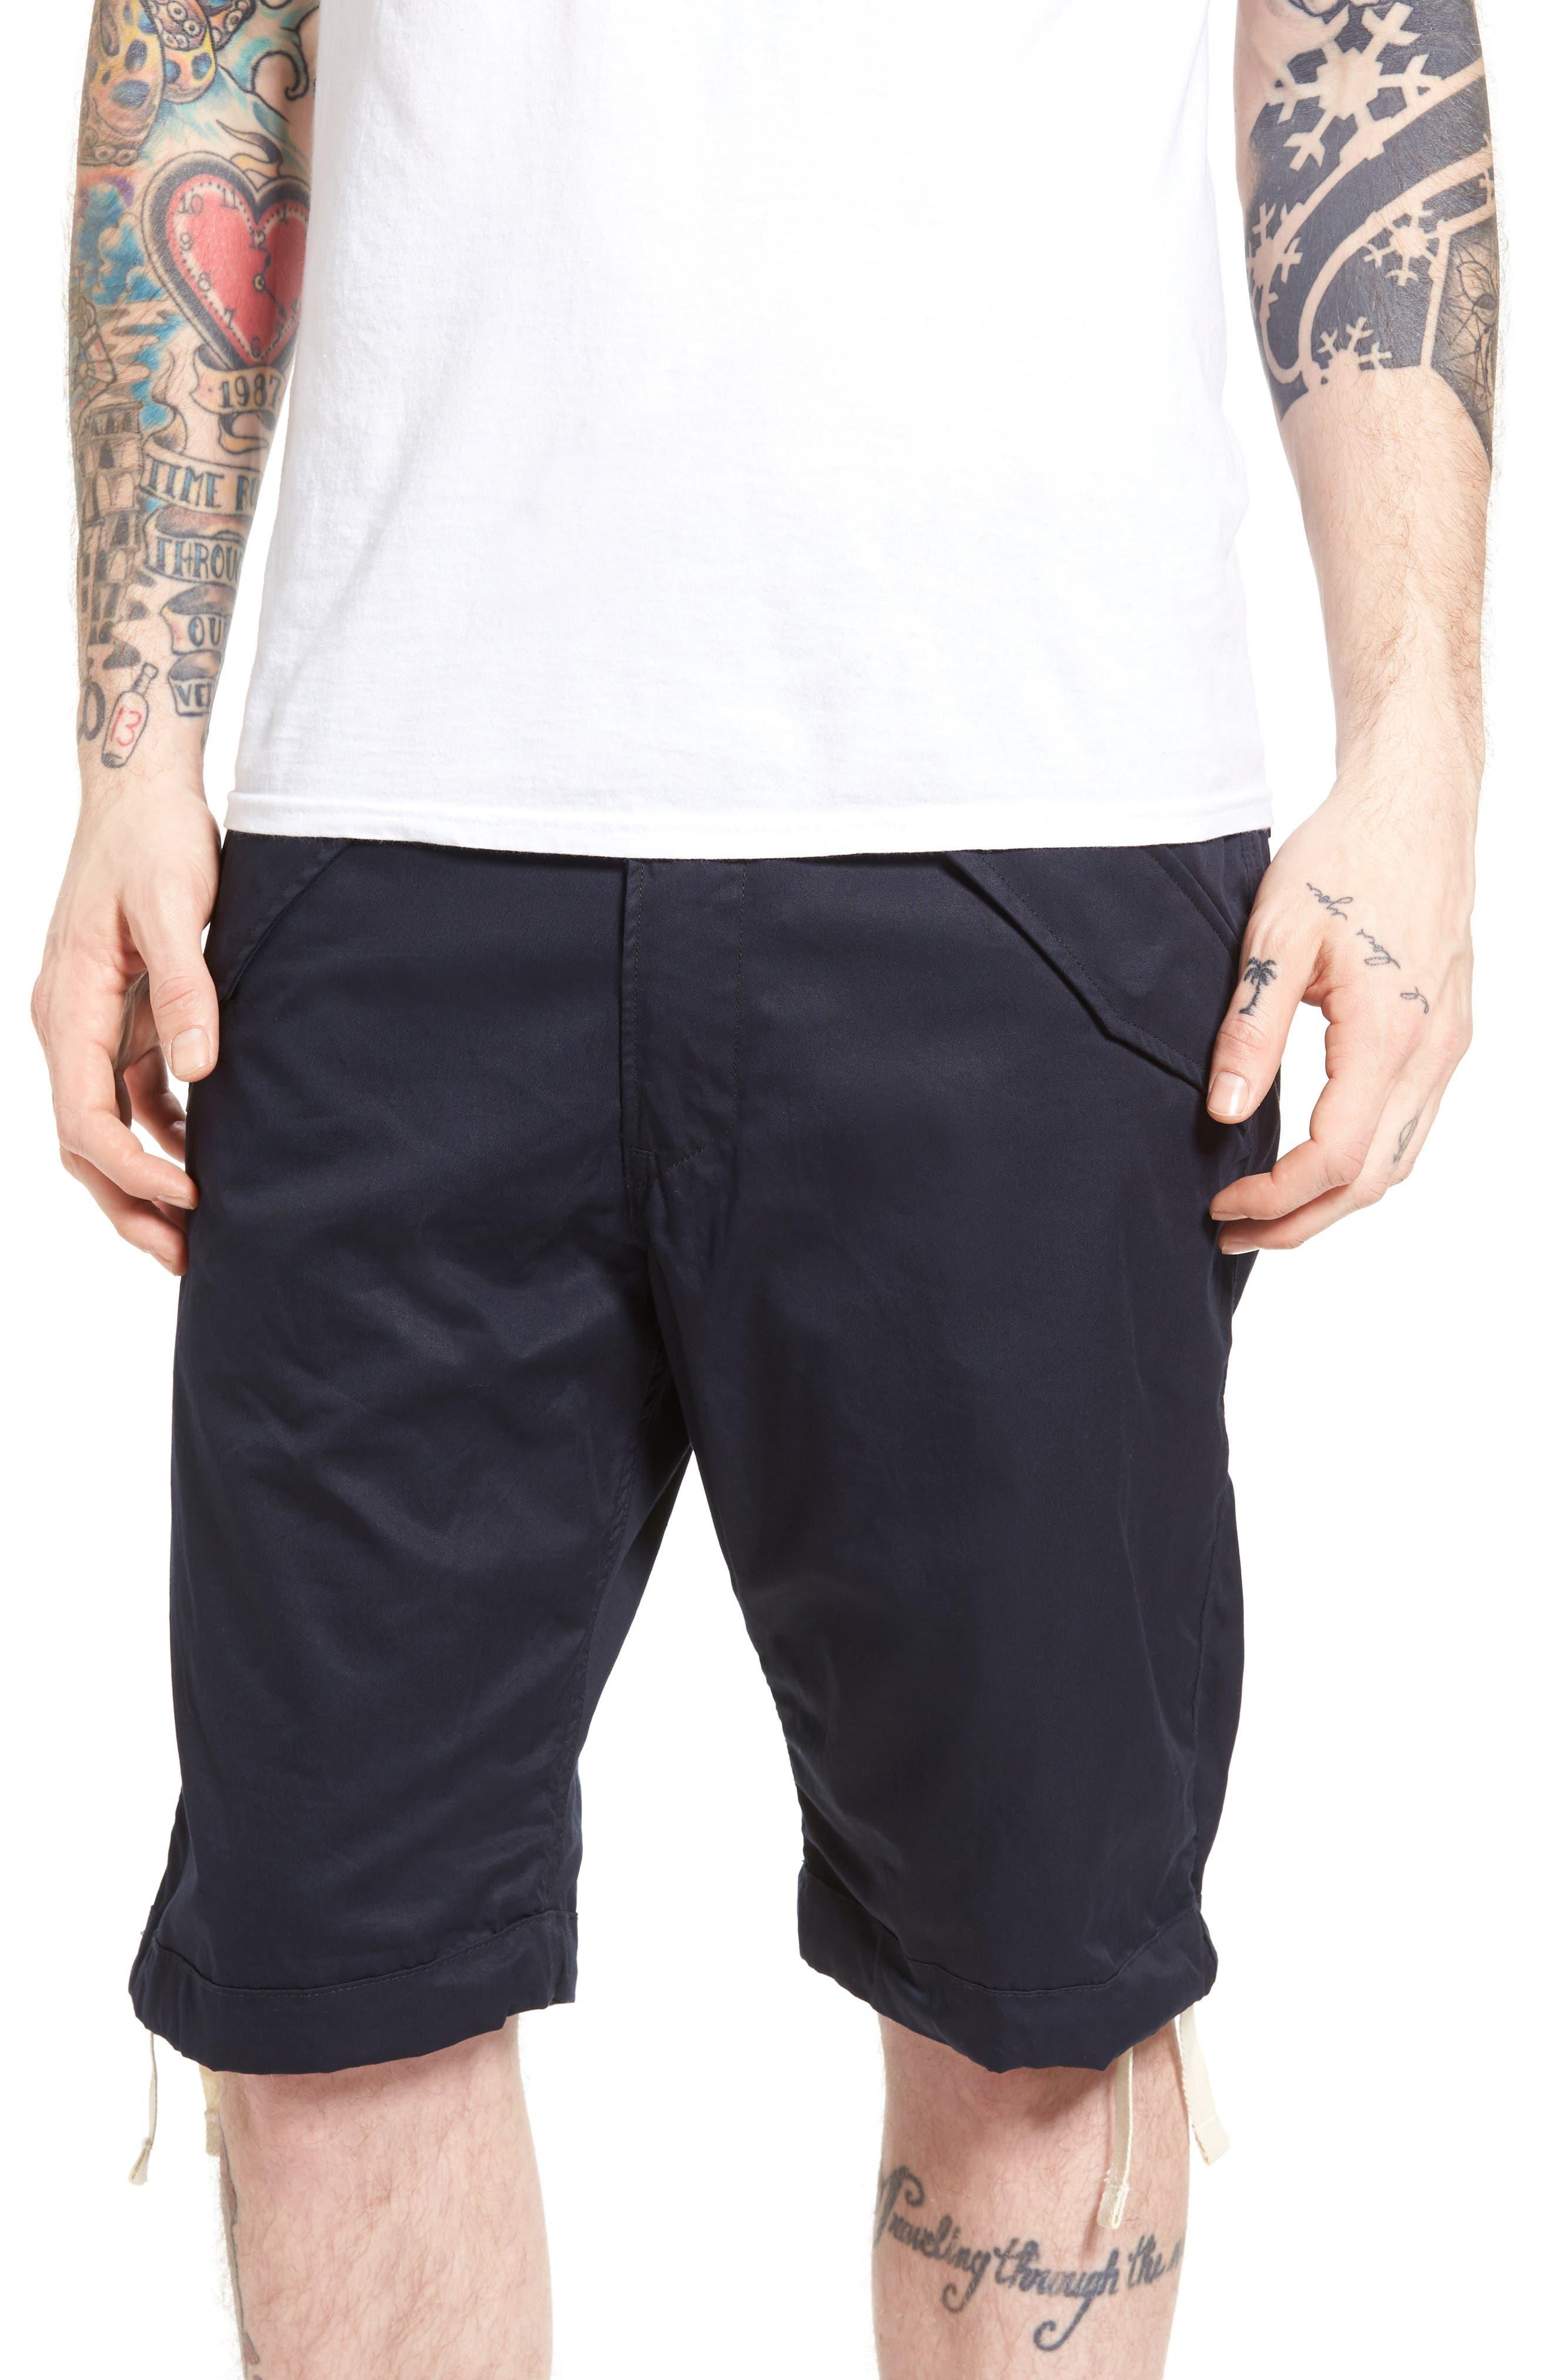 G-Star Raw Rovic DC Loose Shorts